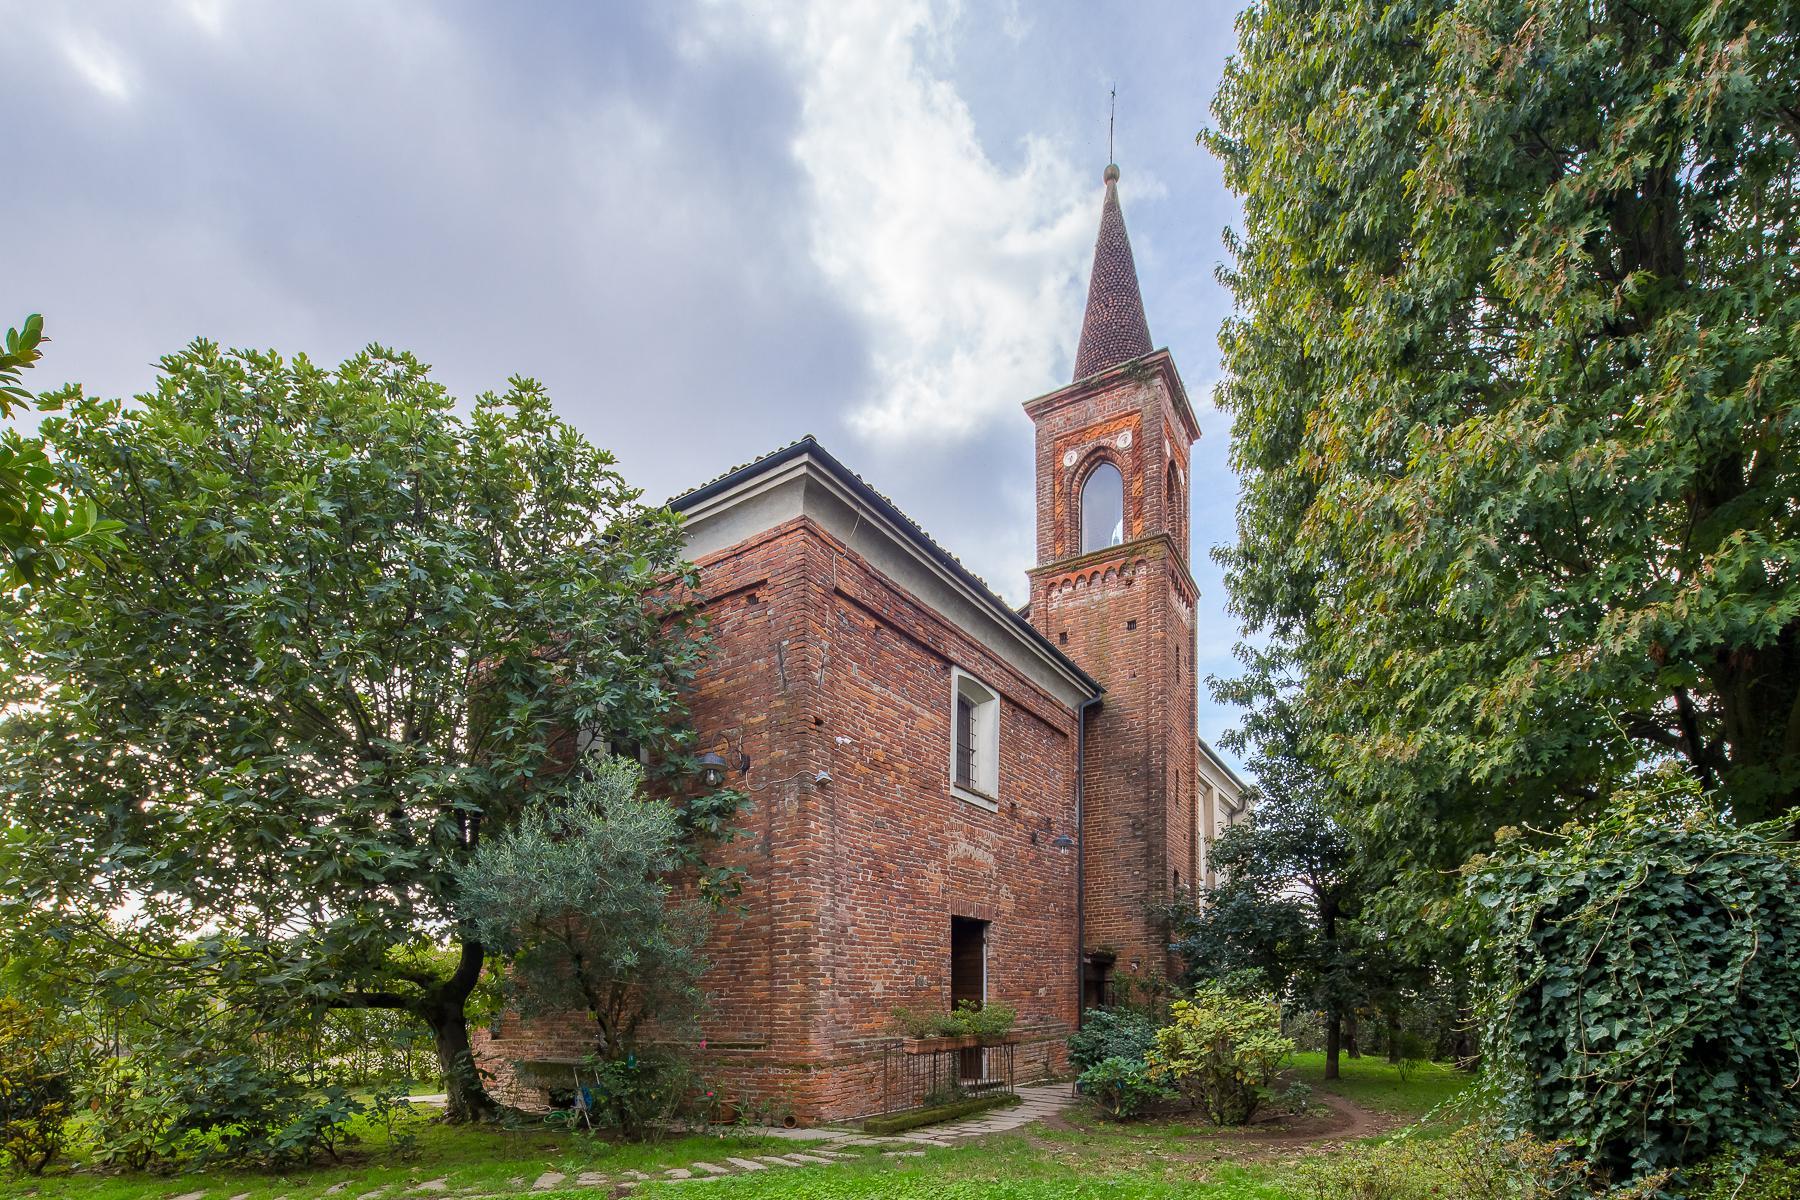 Storica chiesa sconsacrata, adibita ad abitazione, con giardino - 1